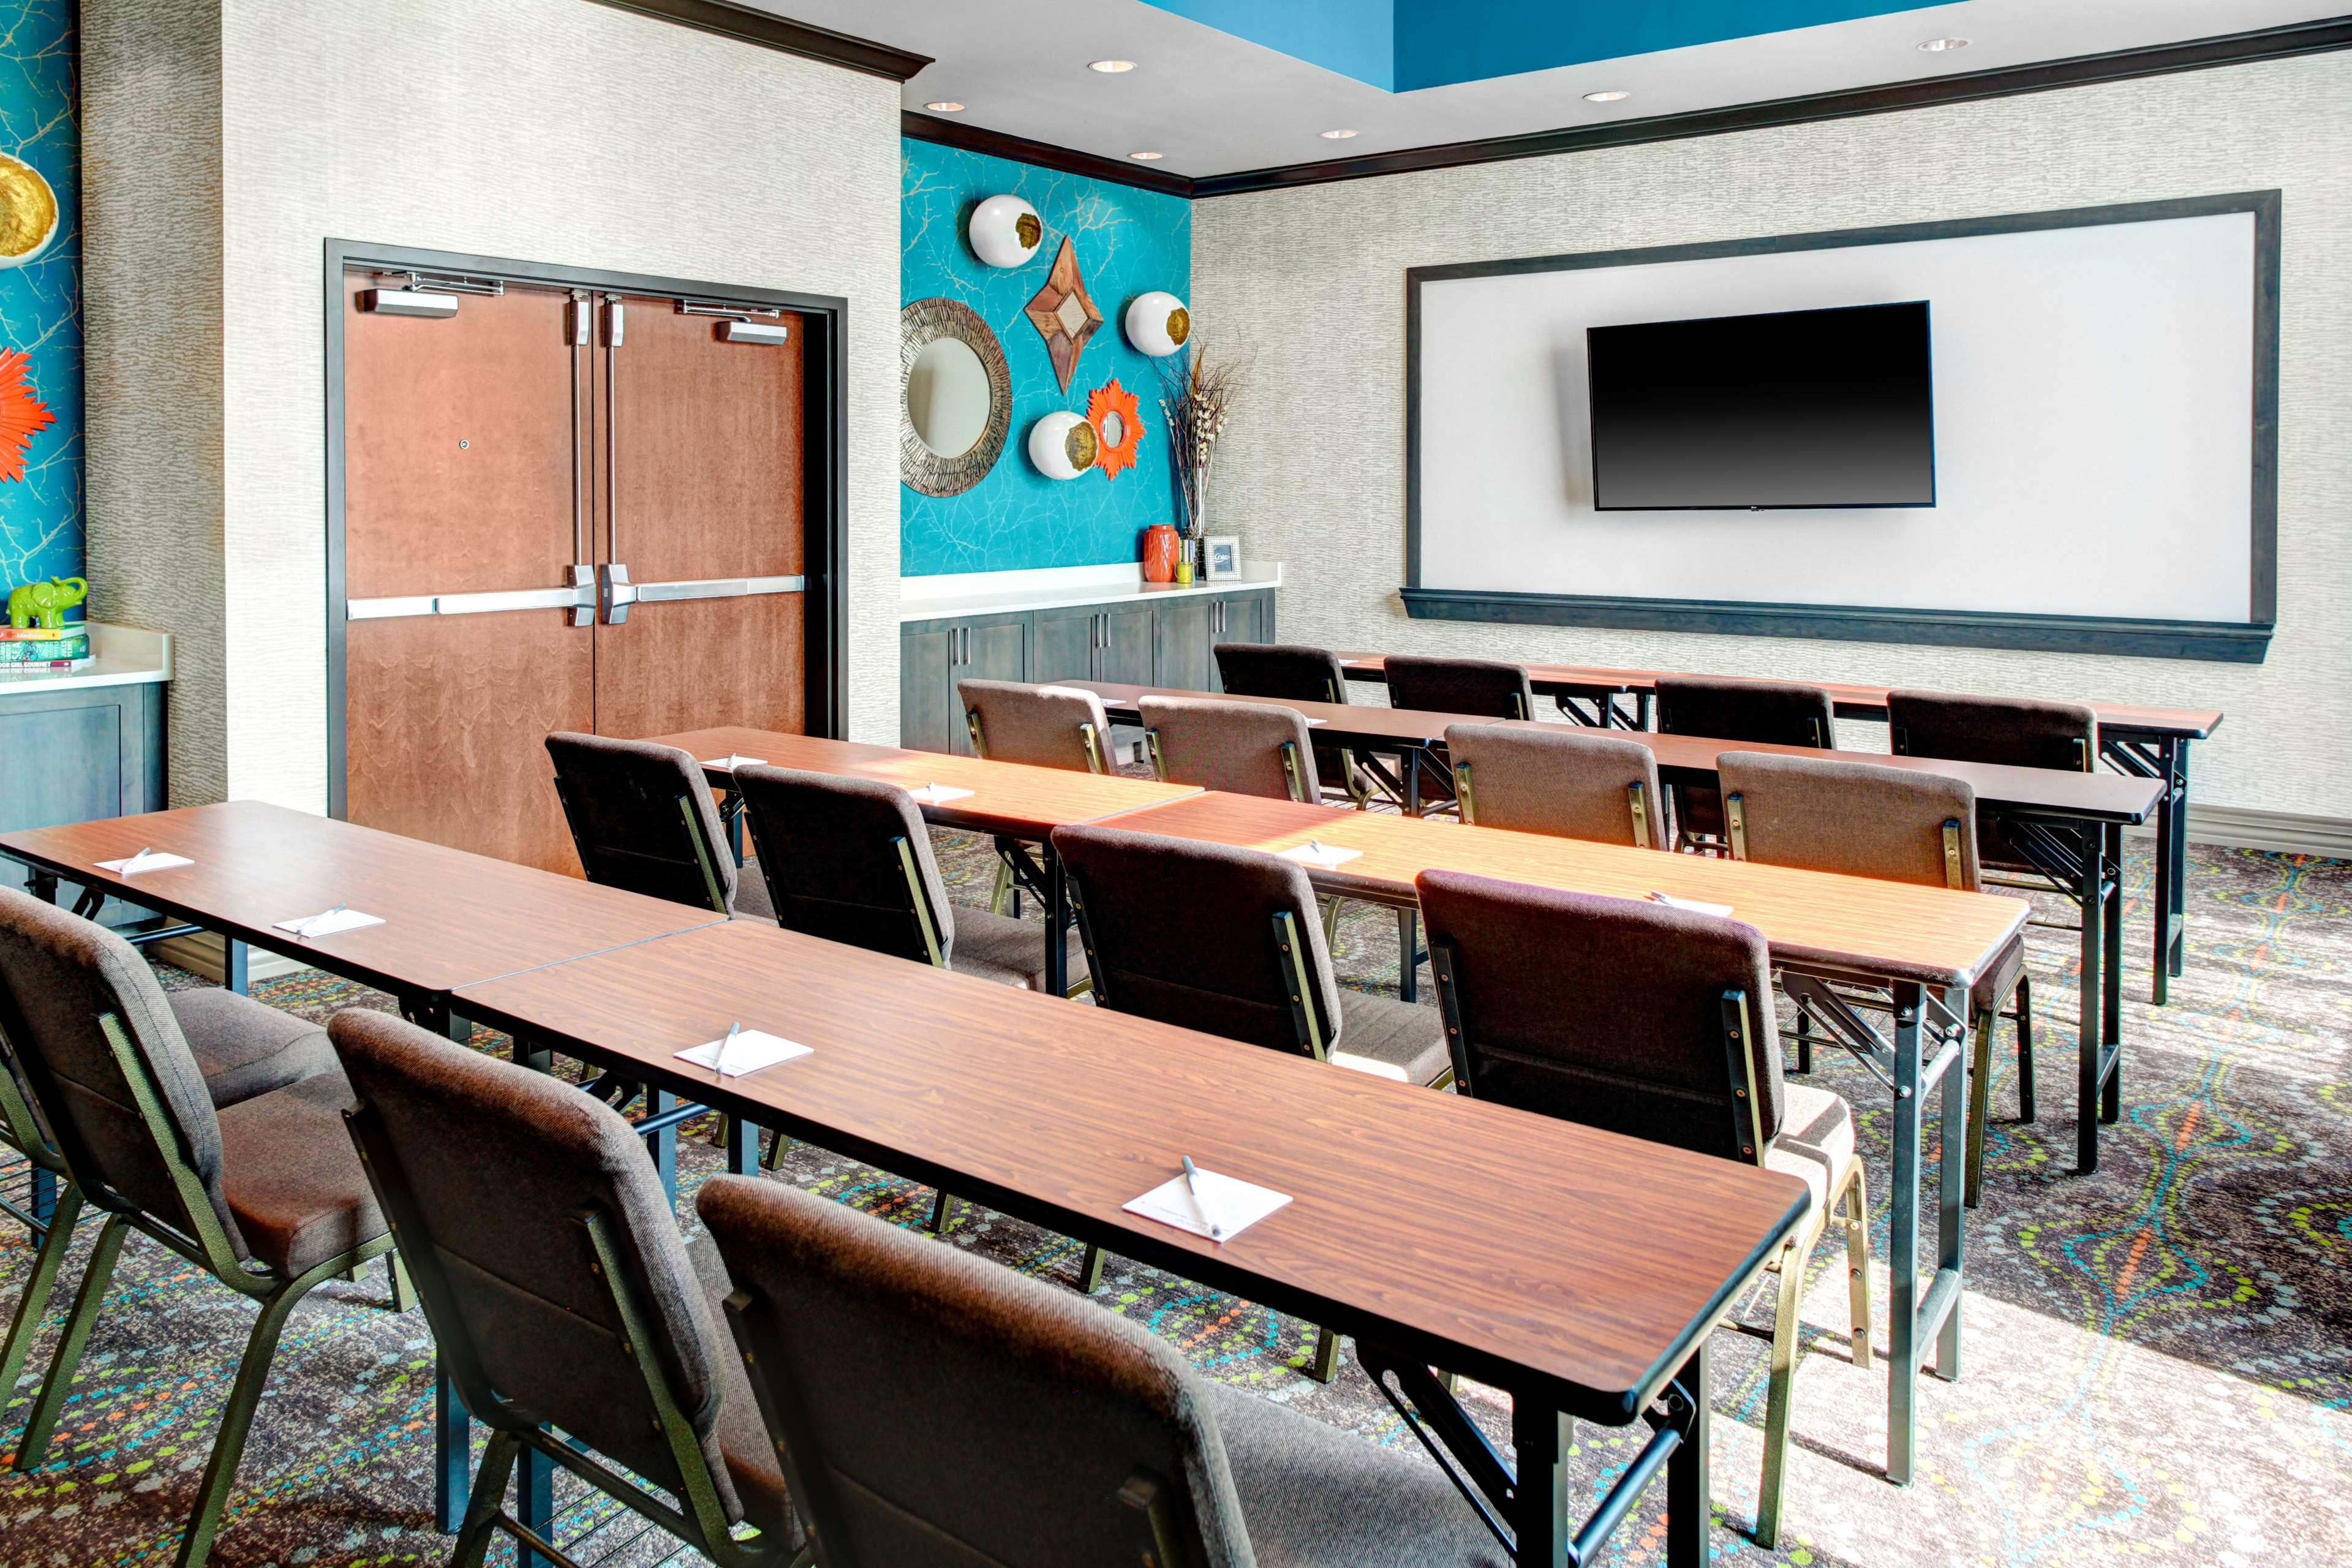 Hampton Inn & Suites by Hilton Atlanta Perimeter Dunwoody image 33